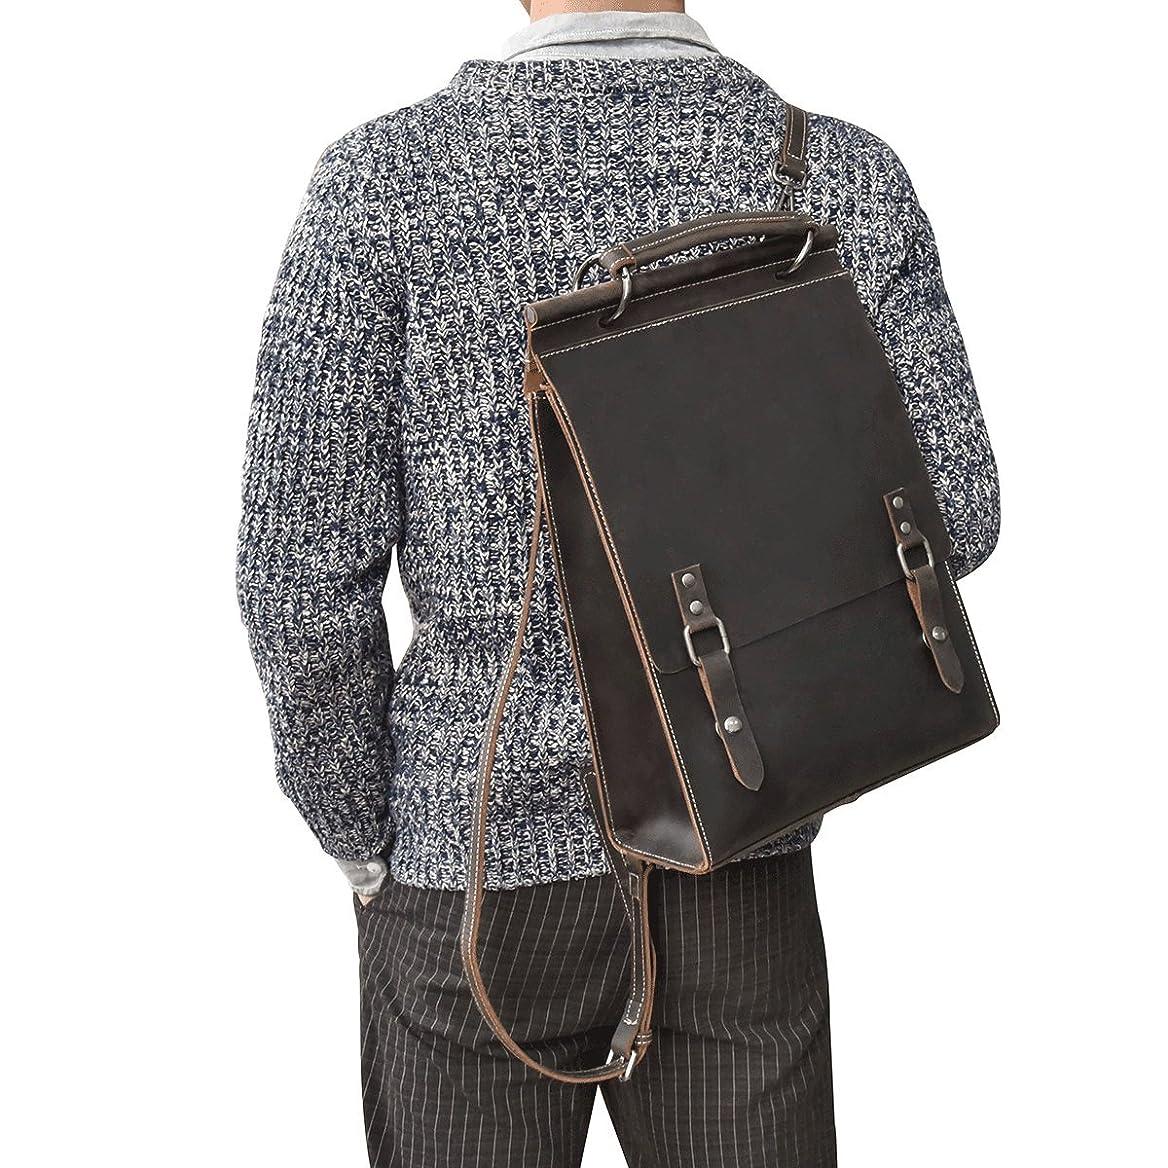 お母さん折びっくりリュックサック 本革 メンズ A4対応 自立可 ビンテージ 3WAY バッグパック 牛革 手提げバッグ お洒落 レザー ディバッグ 男女兼用 通勤鞄 通学鞄 雑誌、IPadなど収納